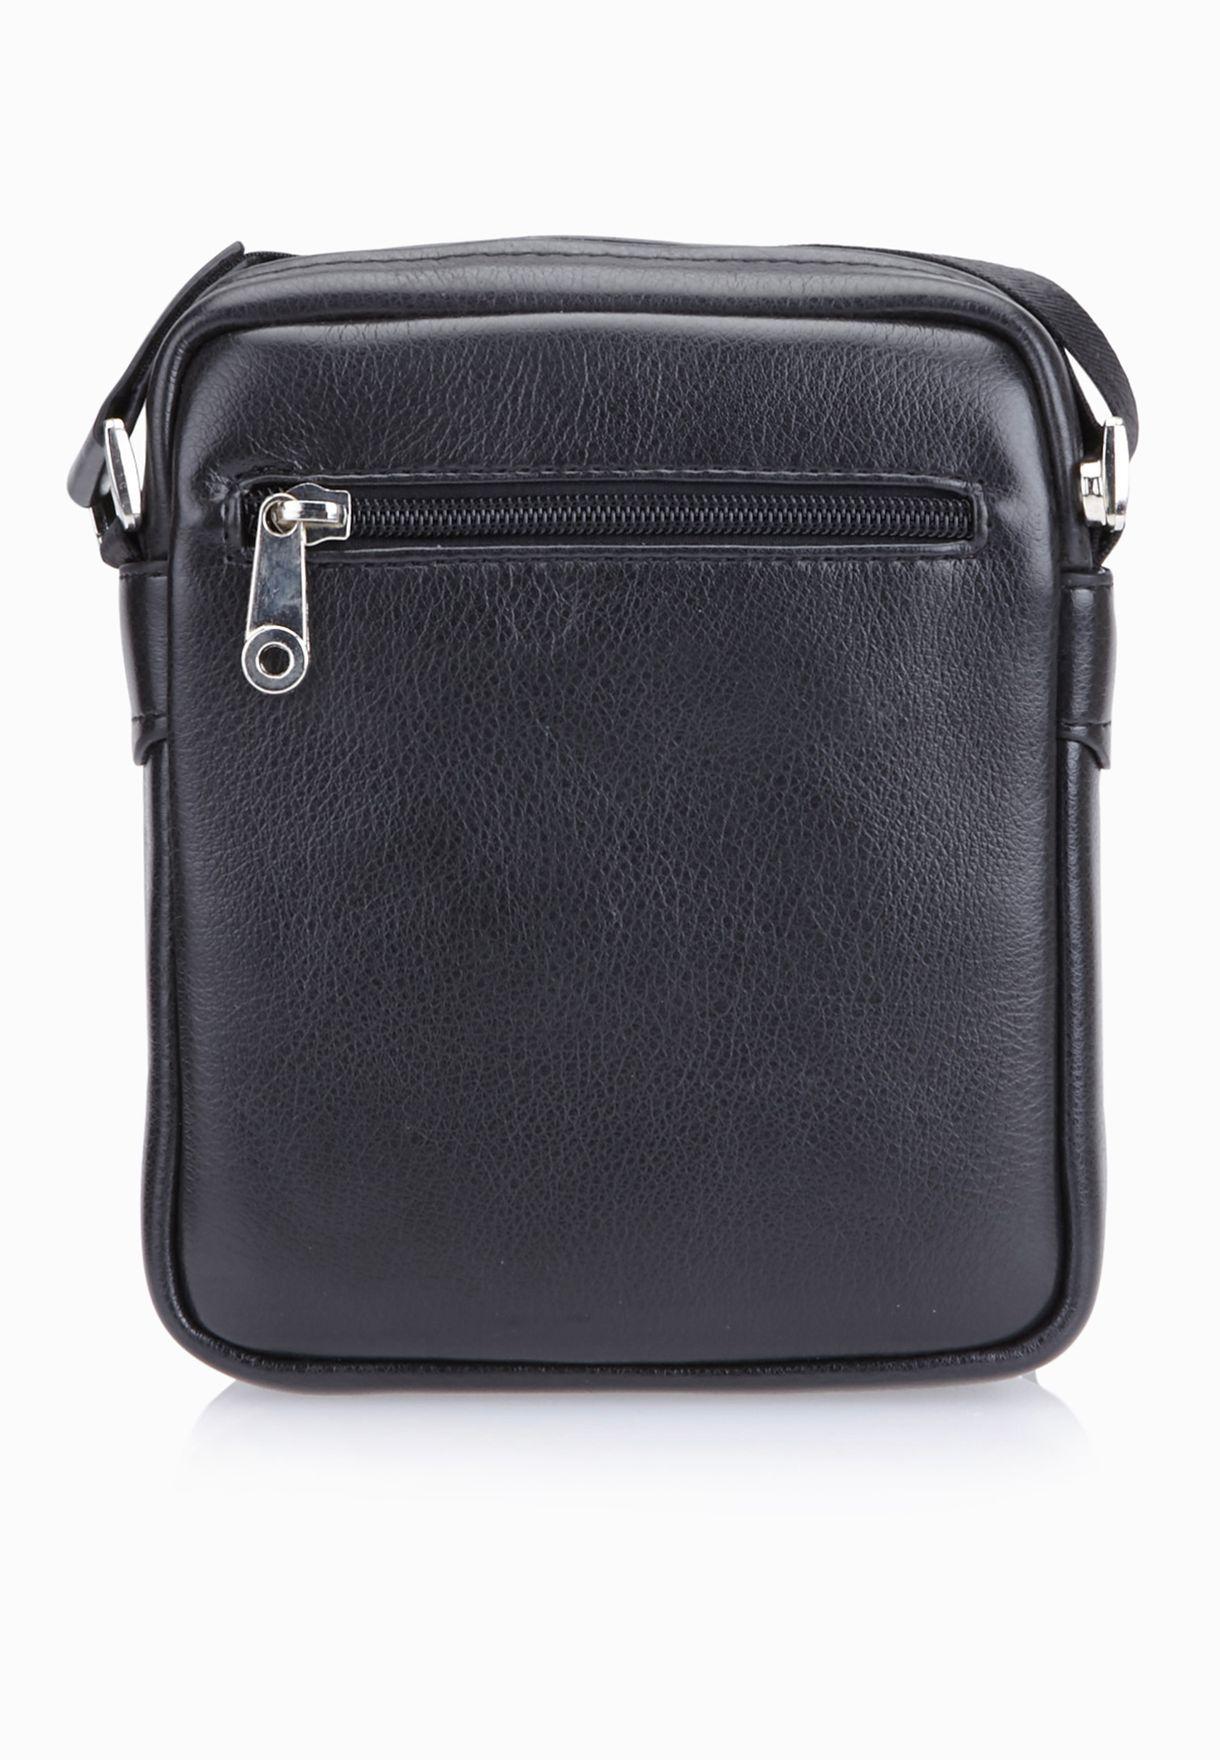 19366d469 تسوق حقيبة جلد بحمالة طويلة ماركة سفنتي فايف لون أسود في قطر ...